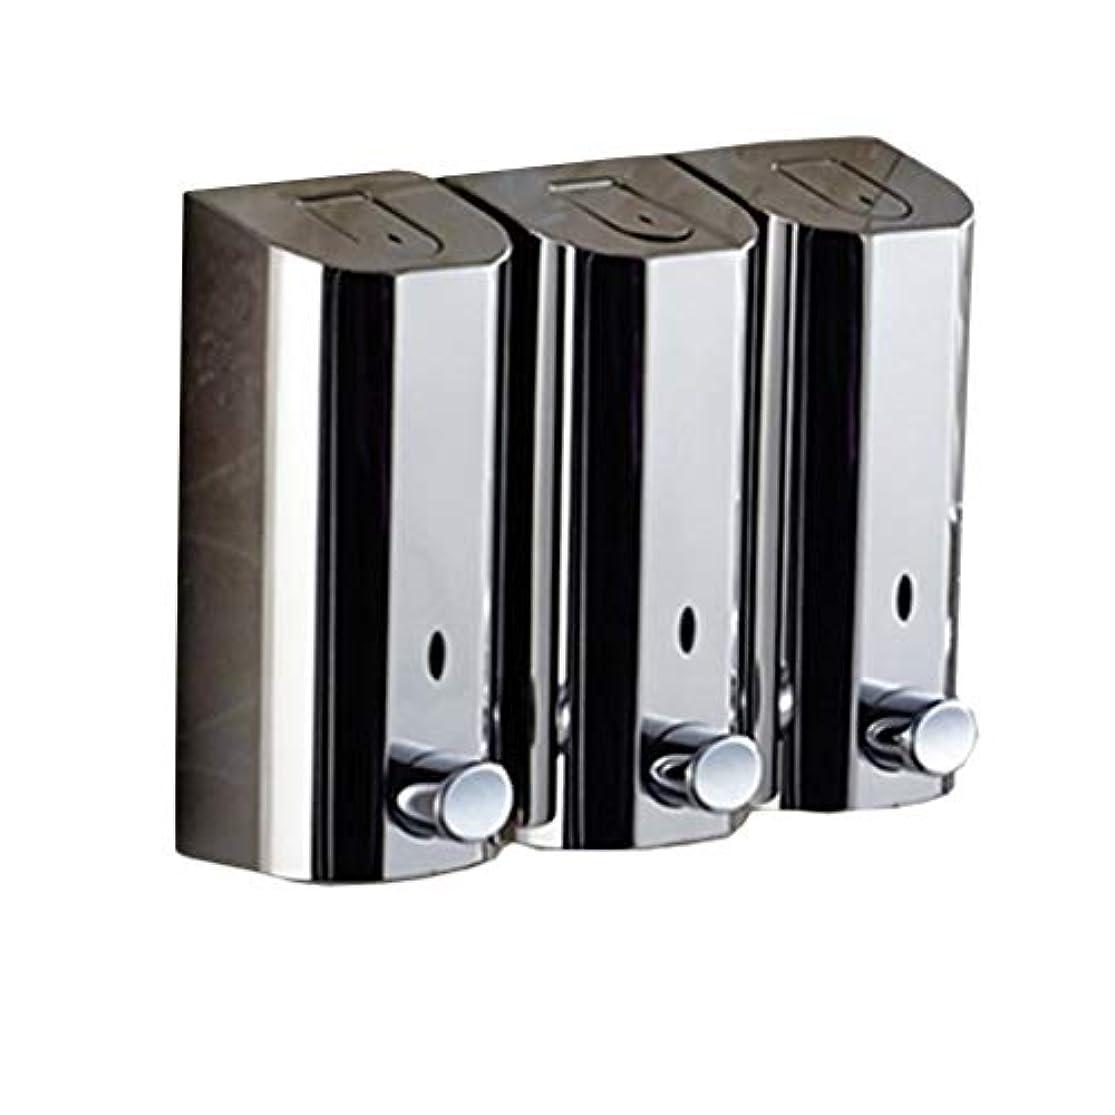 パターン悪いよく話されるKylinssh タッチレスソープディスペンサー、500 ml * 3自動液体ディスペンサー、防水、漏れ防止、タッチレスソープディスペンサー、キッチン、バスルーム